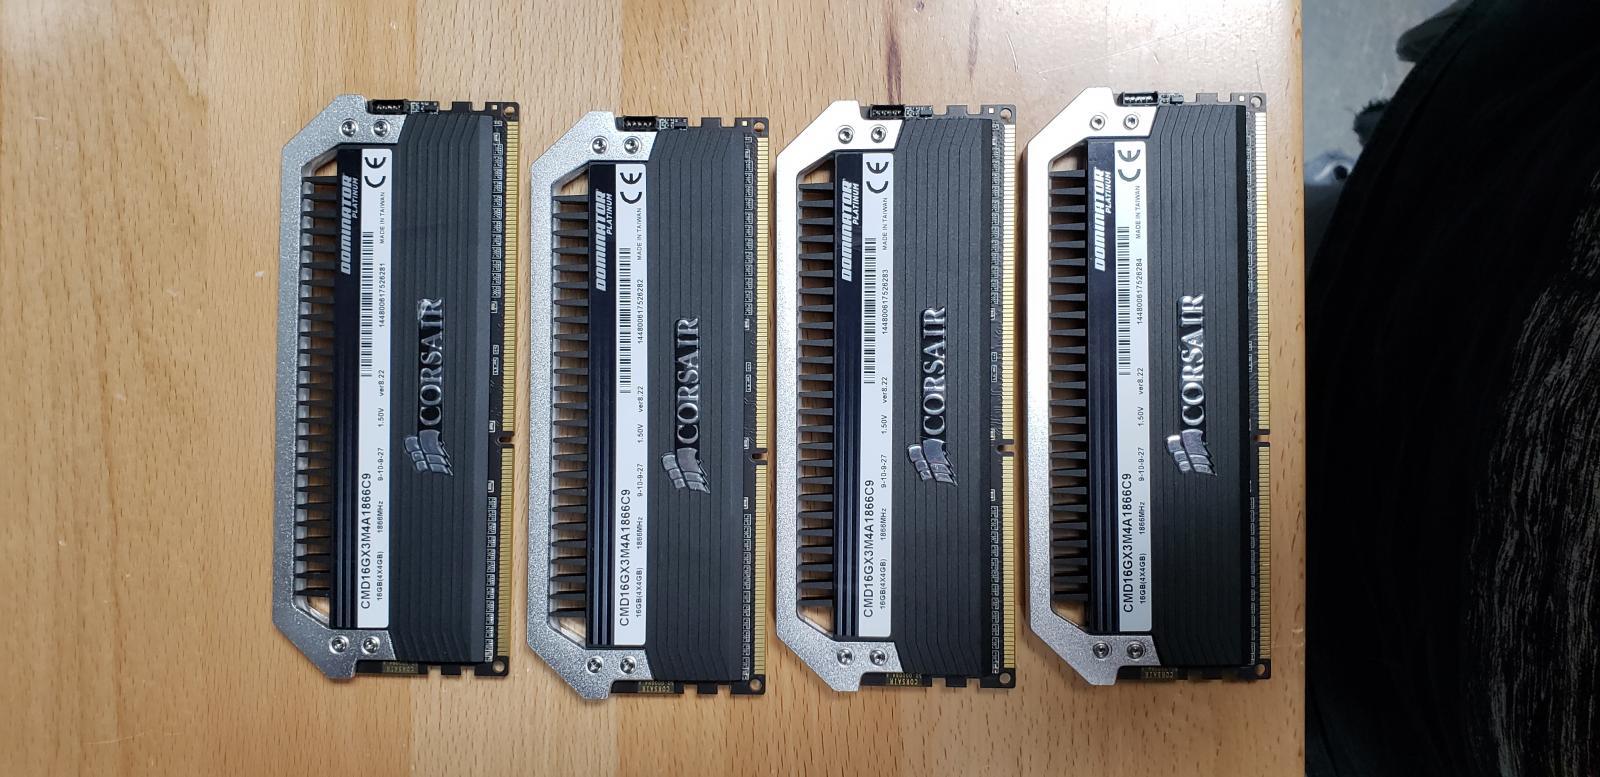 Photo of DOMINATOR® PLATINUM — 16GB (4 x 4GB) DDR3 DRAM 1866MHz C9 Memory Kit